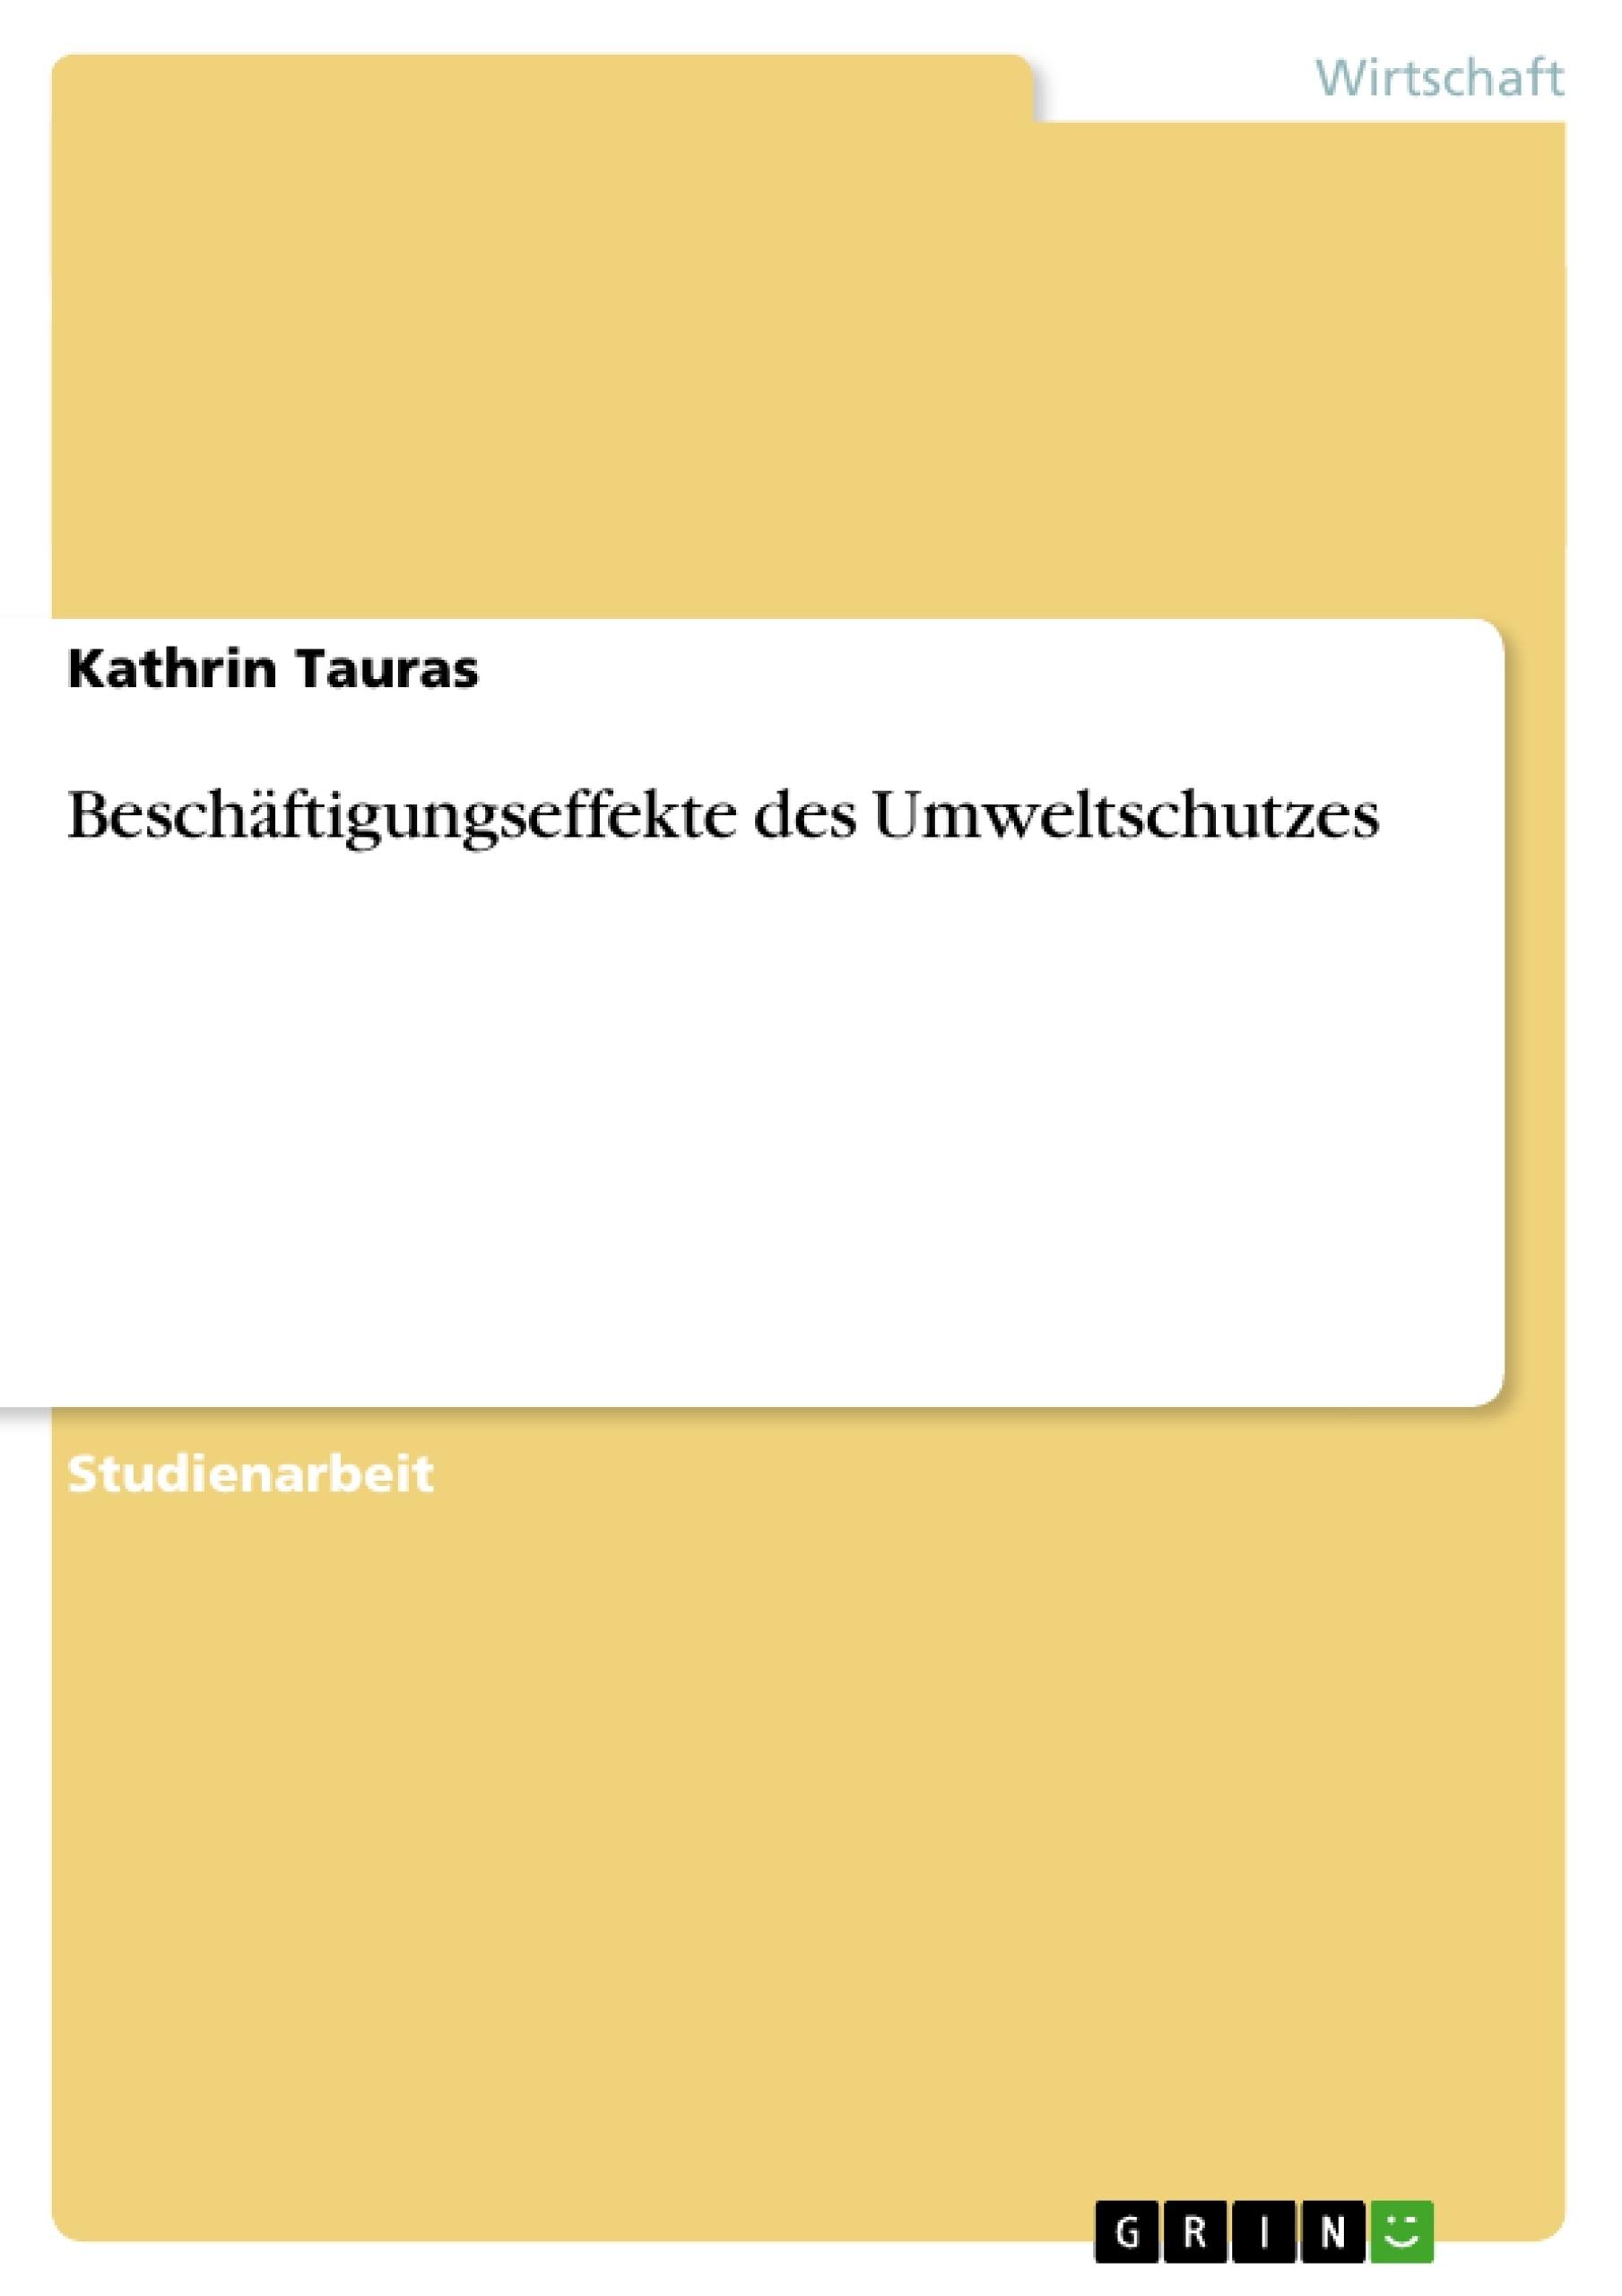 Titel: Beschäftigungseffekte des Umweltschutzes